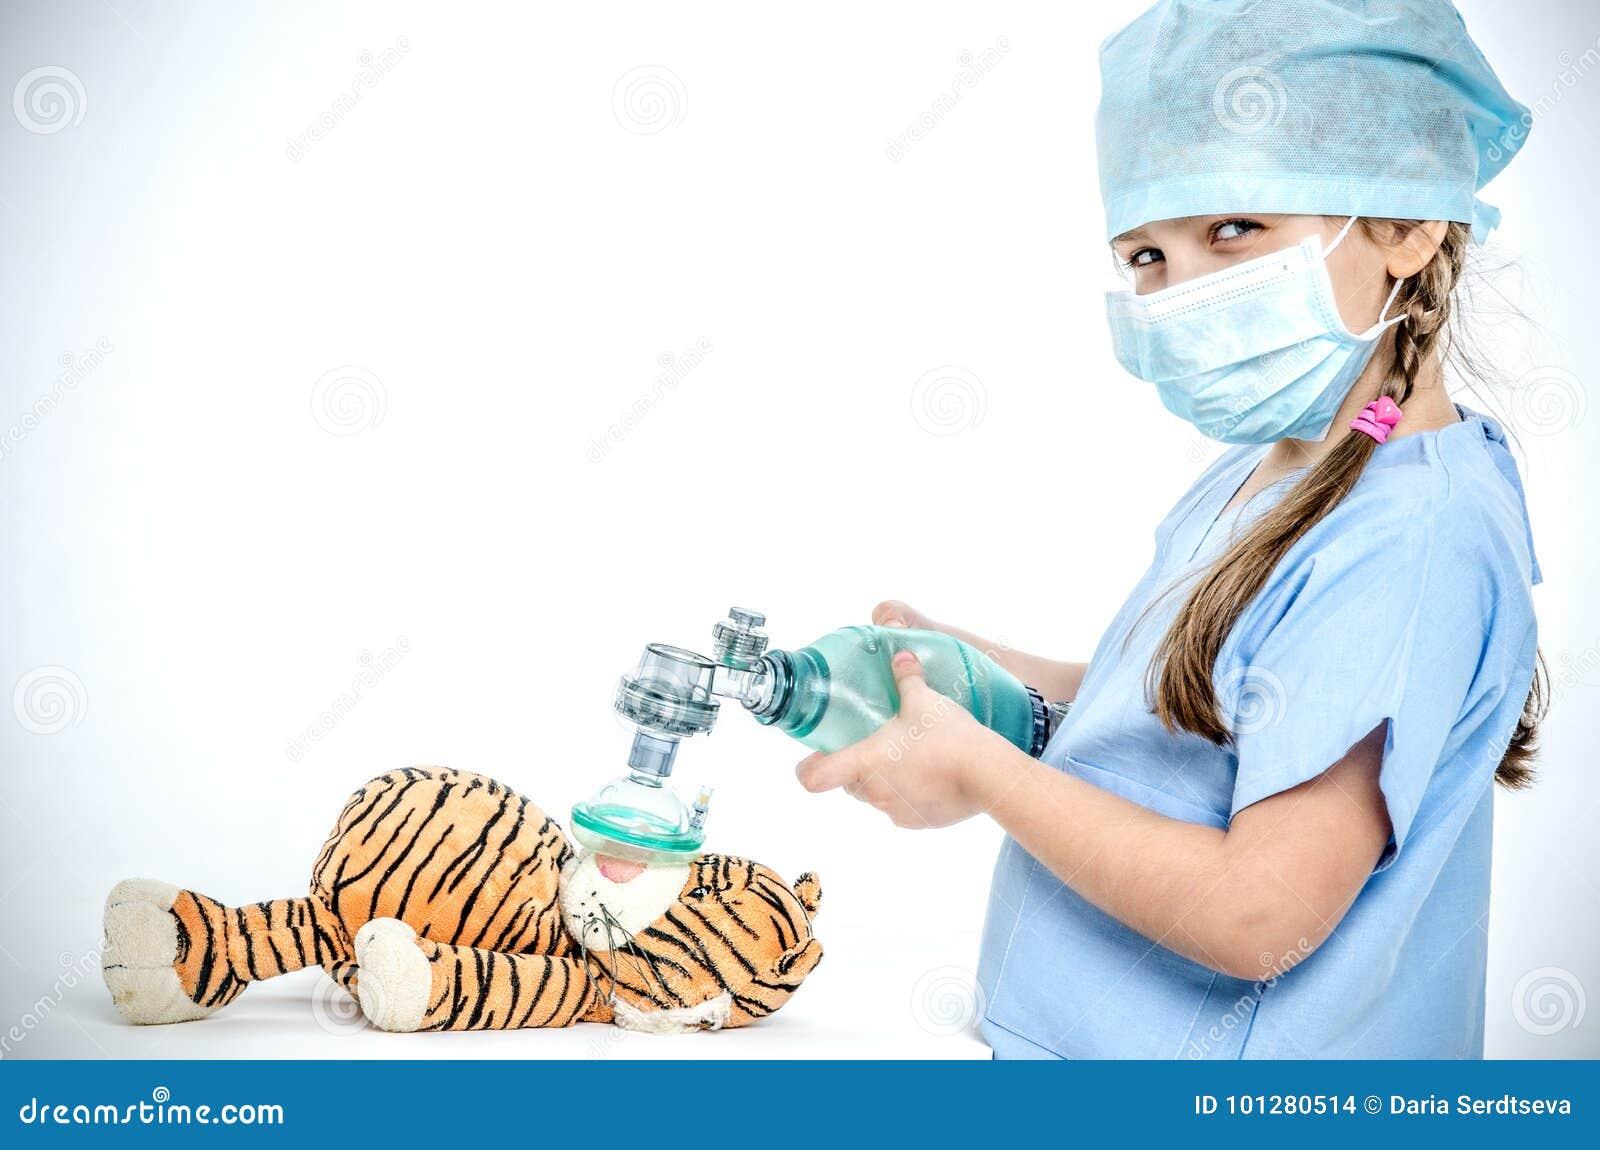 Ein Mädchen kleidete Griffen einer in den chirurgischen Klage einen Botschafter über einem Spielzeugtiger und macht Belüftung der